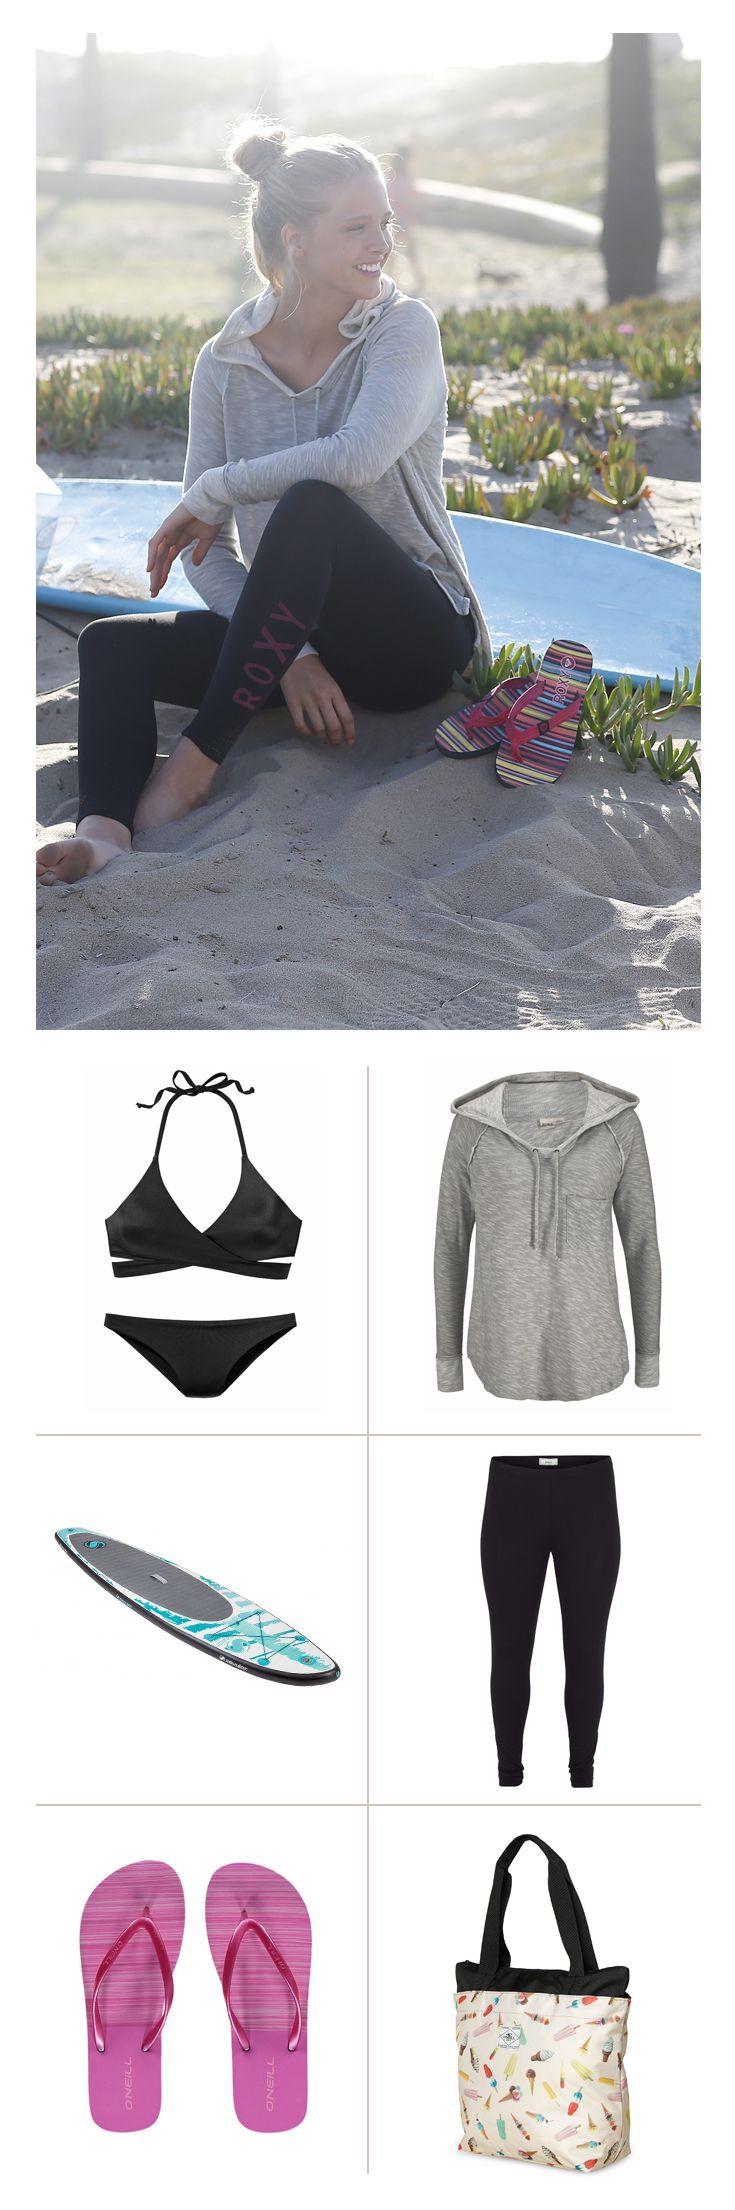 Der Triangel-Bikini mit sexy Wickeltop von Bench ist die perfekte Grundlage für einen sportlich-femininen Look. Die bequeme Leggins von Zizzi und das Roxy Sweatshirt machen in den kühlen Abend- und Morgenstunden eine gute Figur – und finden anschließend in der süßen Strandtasche von O'Neill Platz.